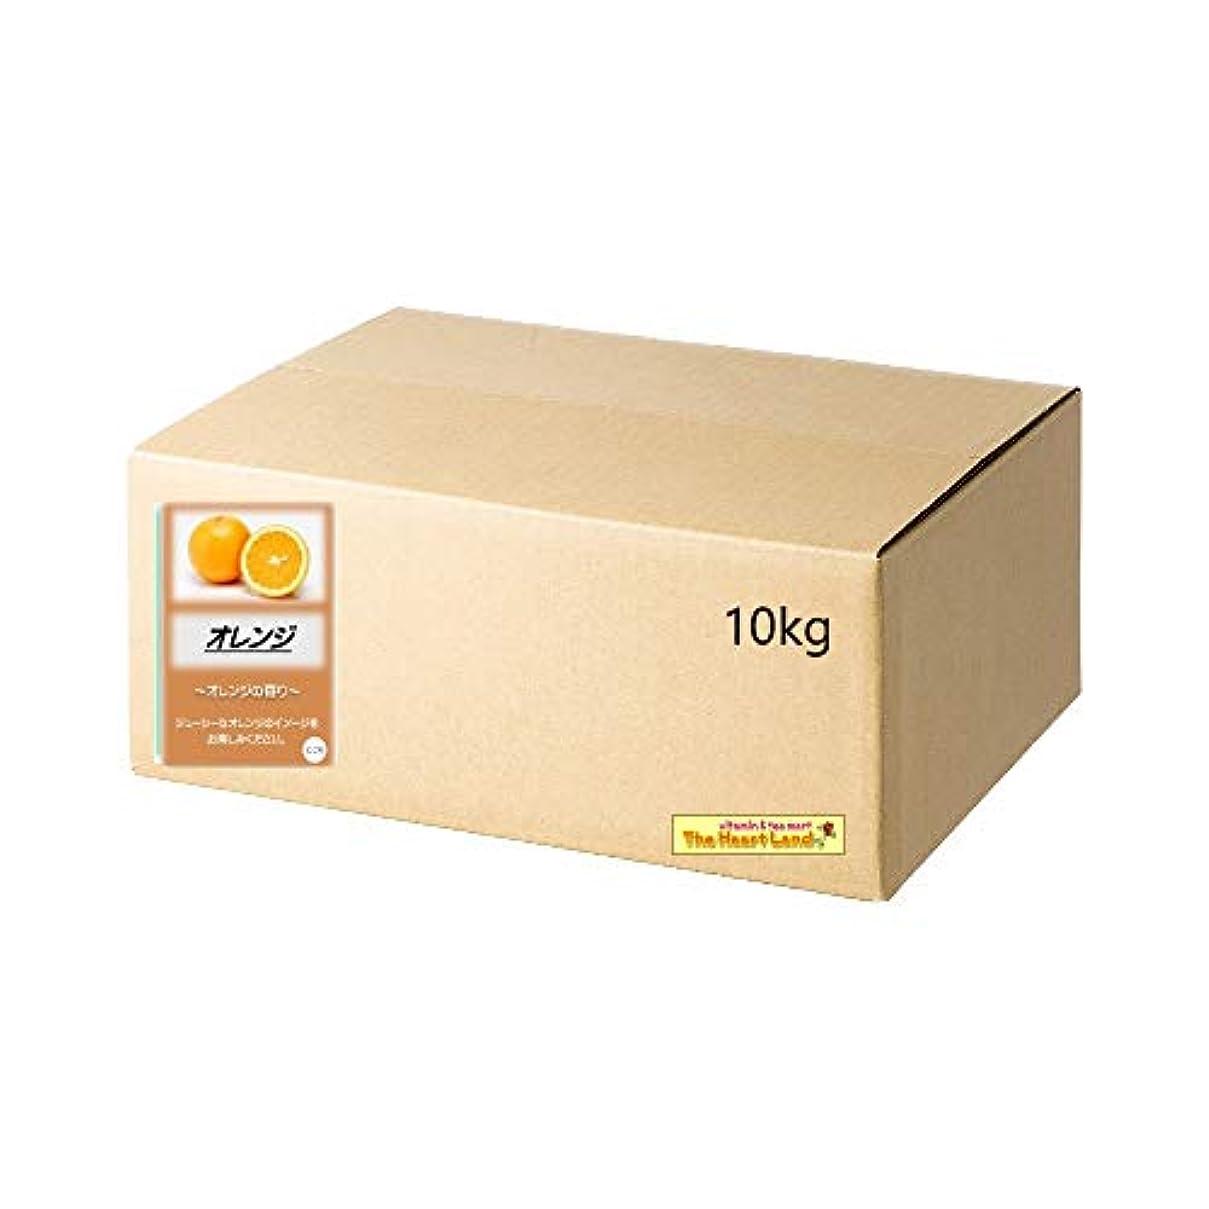 計算する追跡第九アサヒ入浴剤 浴用入浴化粧品 オレンジ 10kg